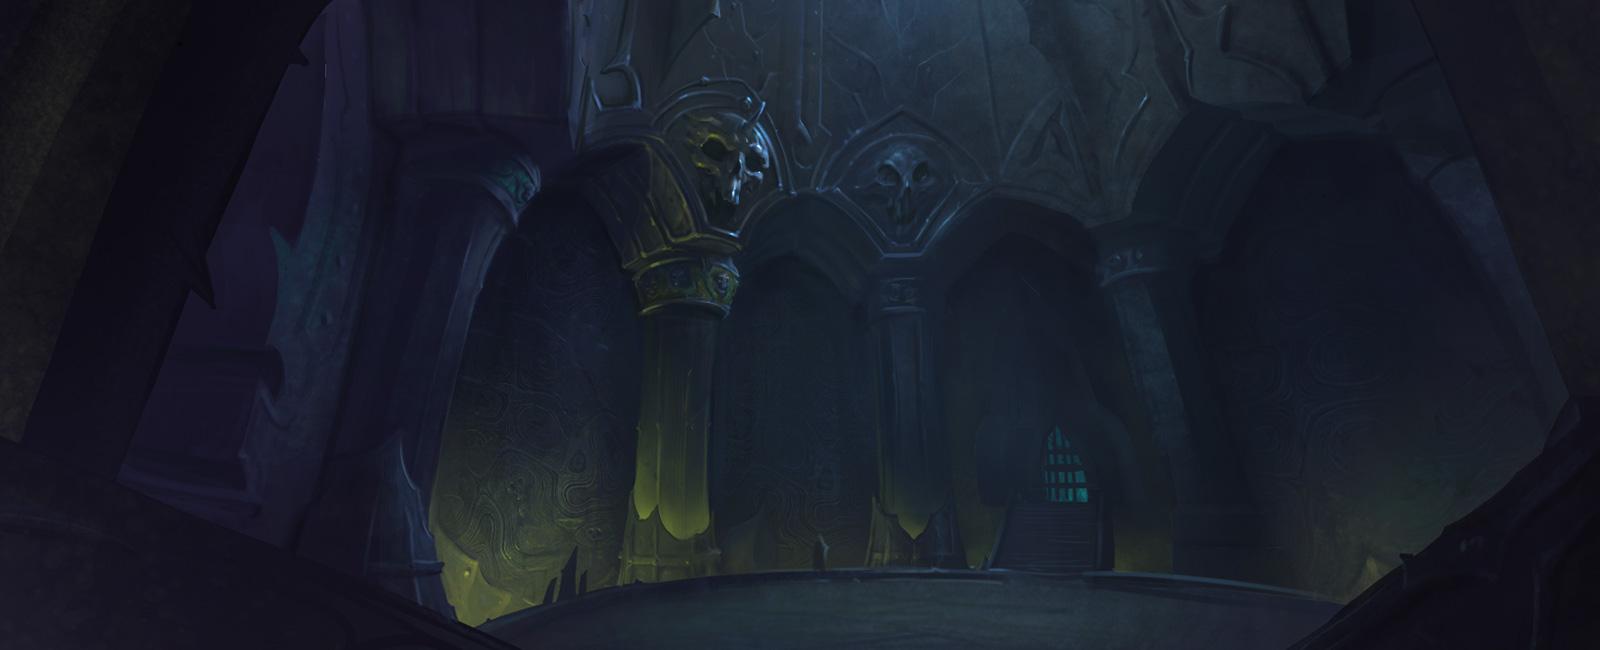 《魔兽世界》无限刷冥殇BUG已修复 违规账号遭处罚